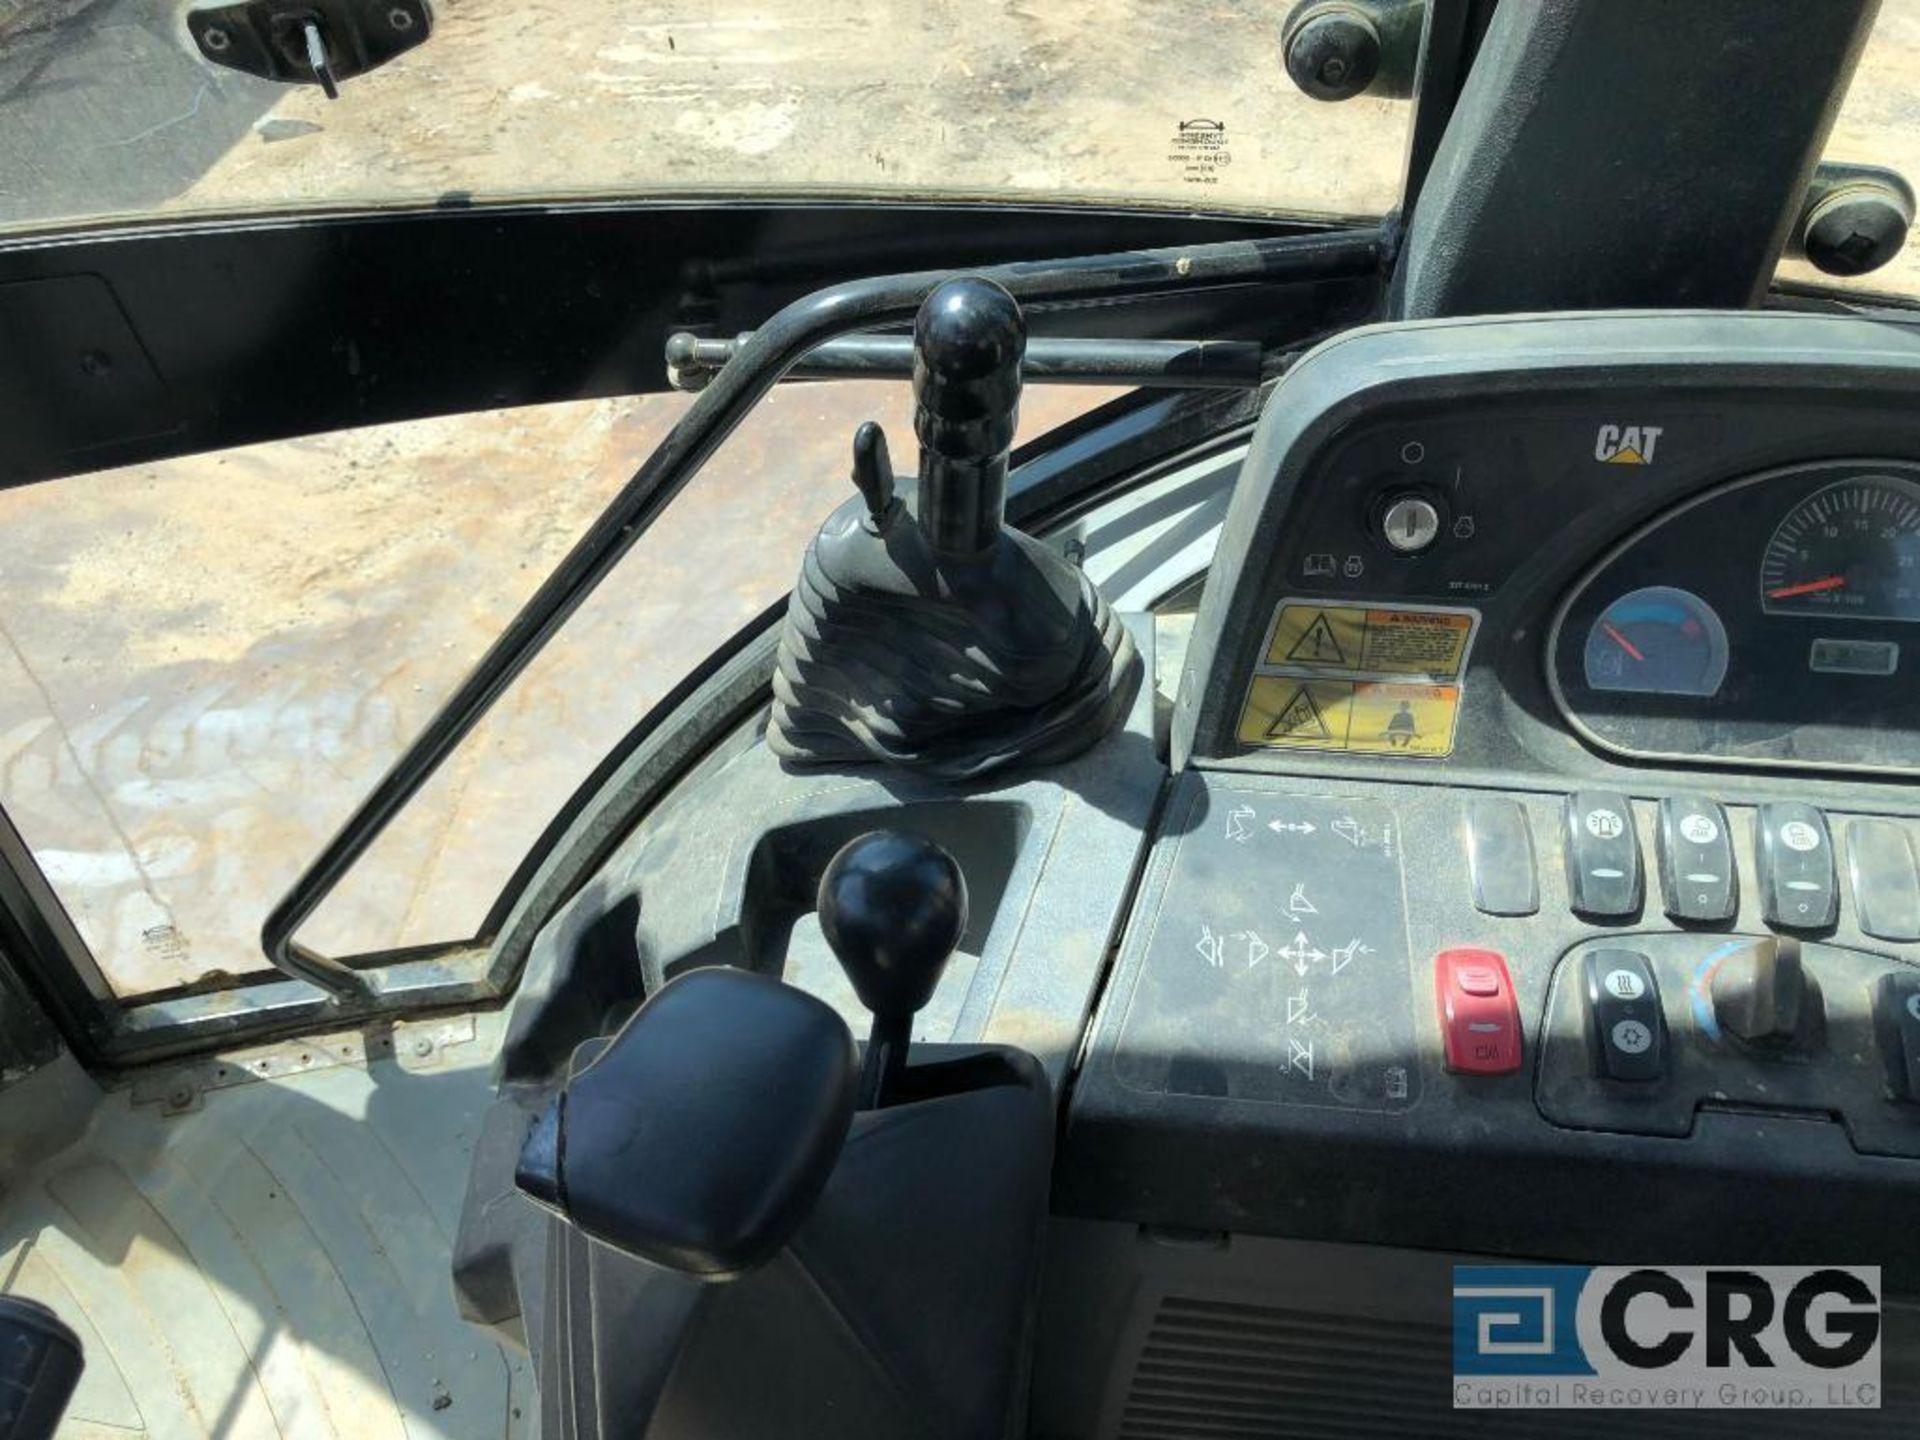 Lot 304 - 2012 CAT 450E Backhoe Loader Joy Stick Controls, Ride Control, Pattern Selector, 4 in Bucket,